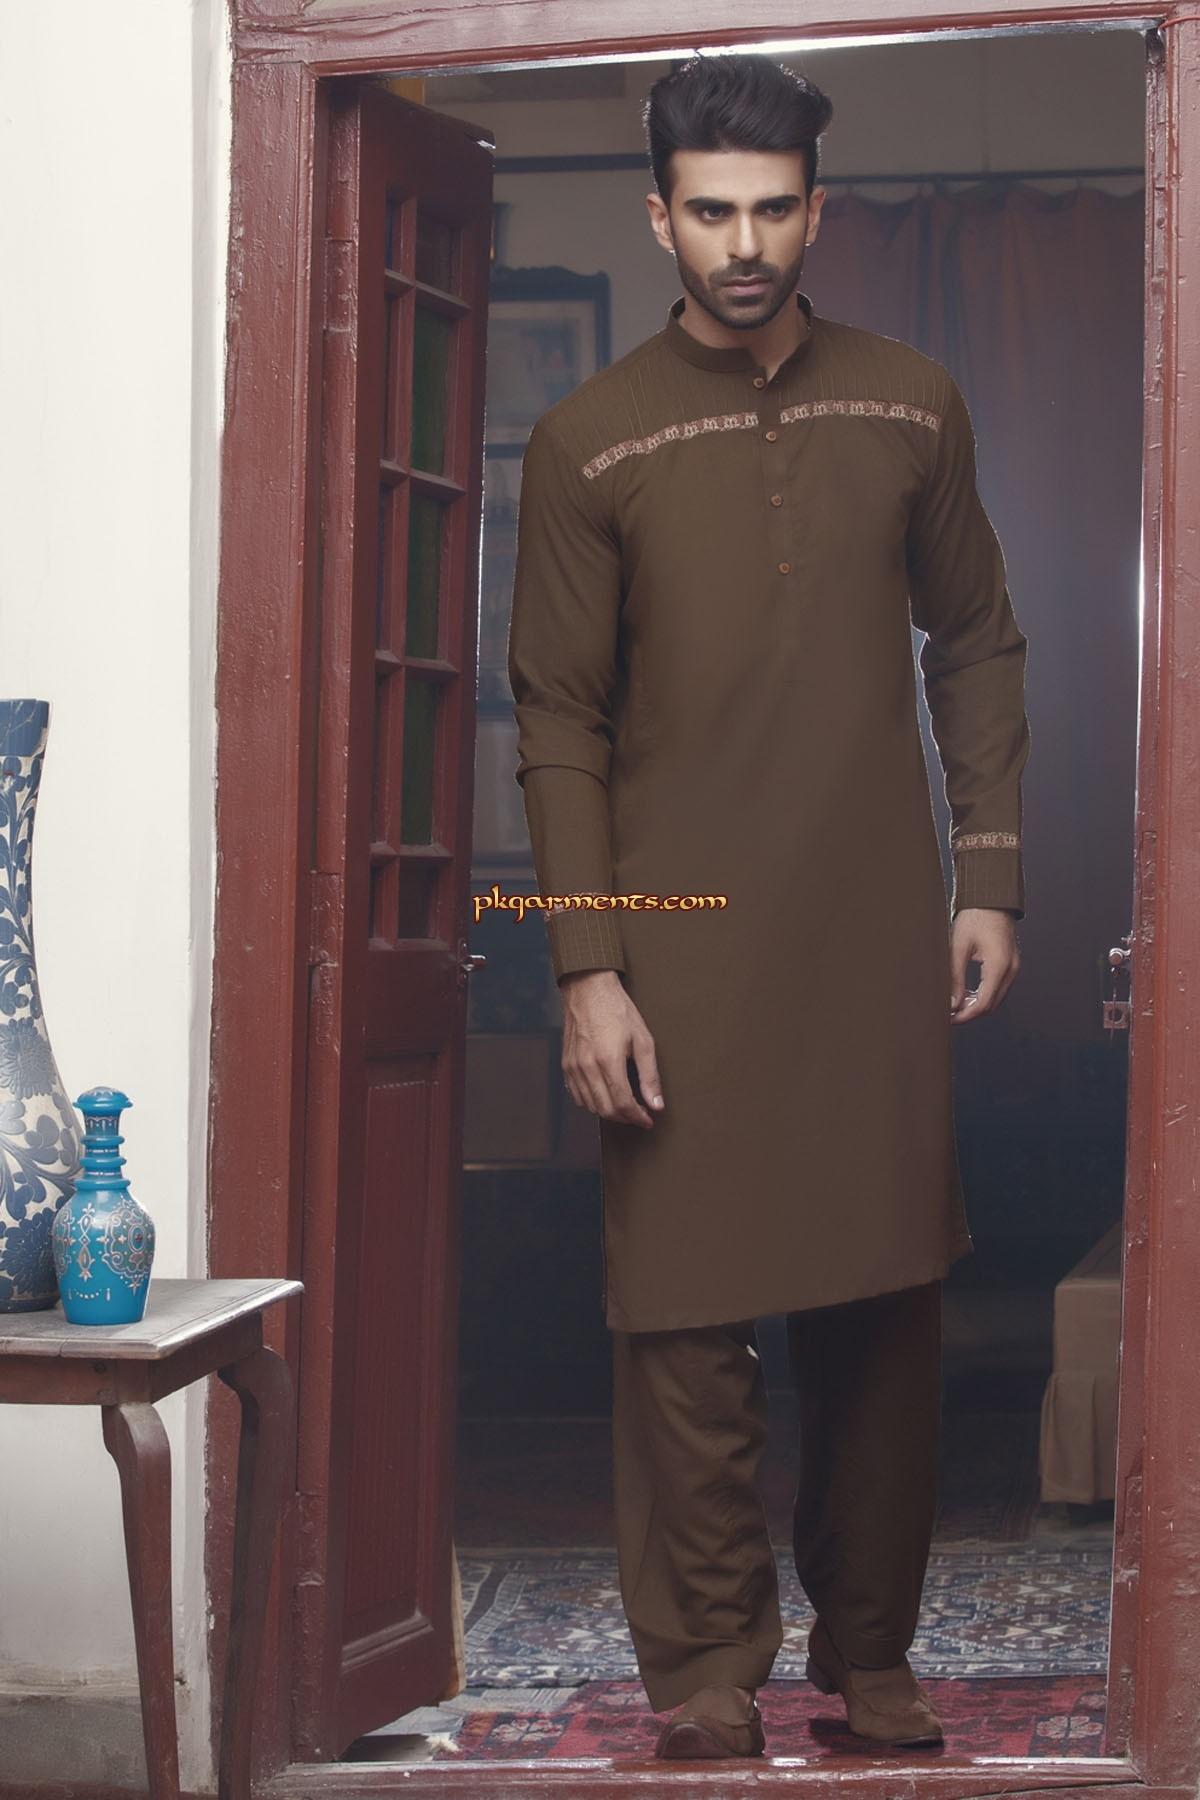 New dress stylish for man catalog photo